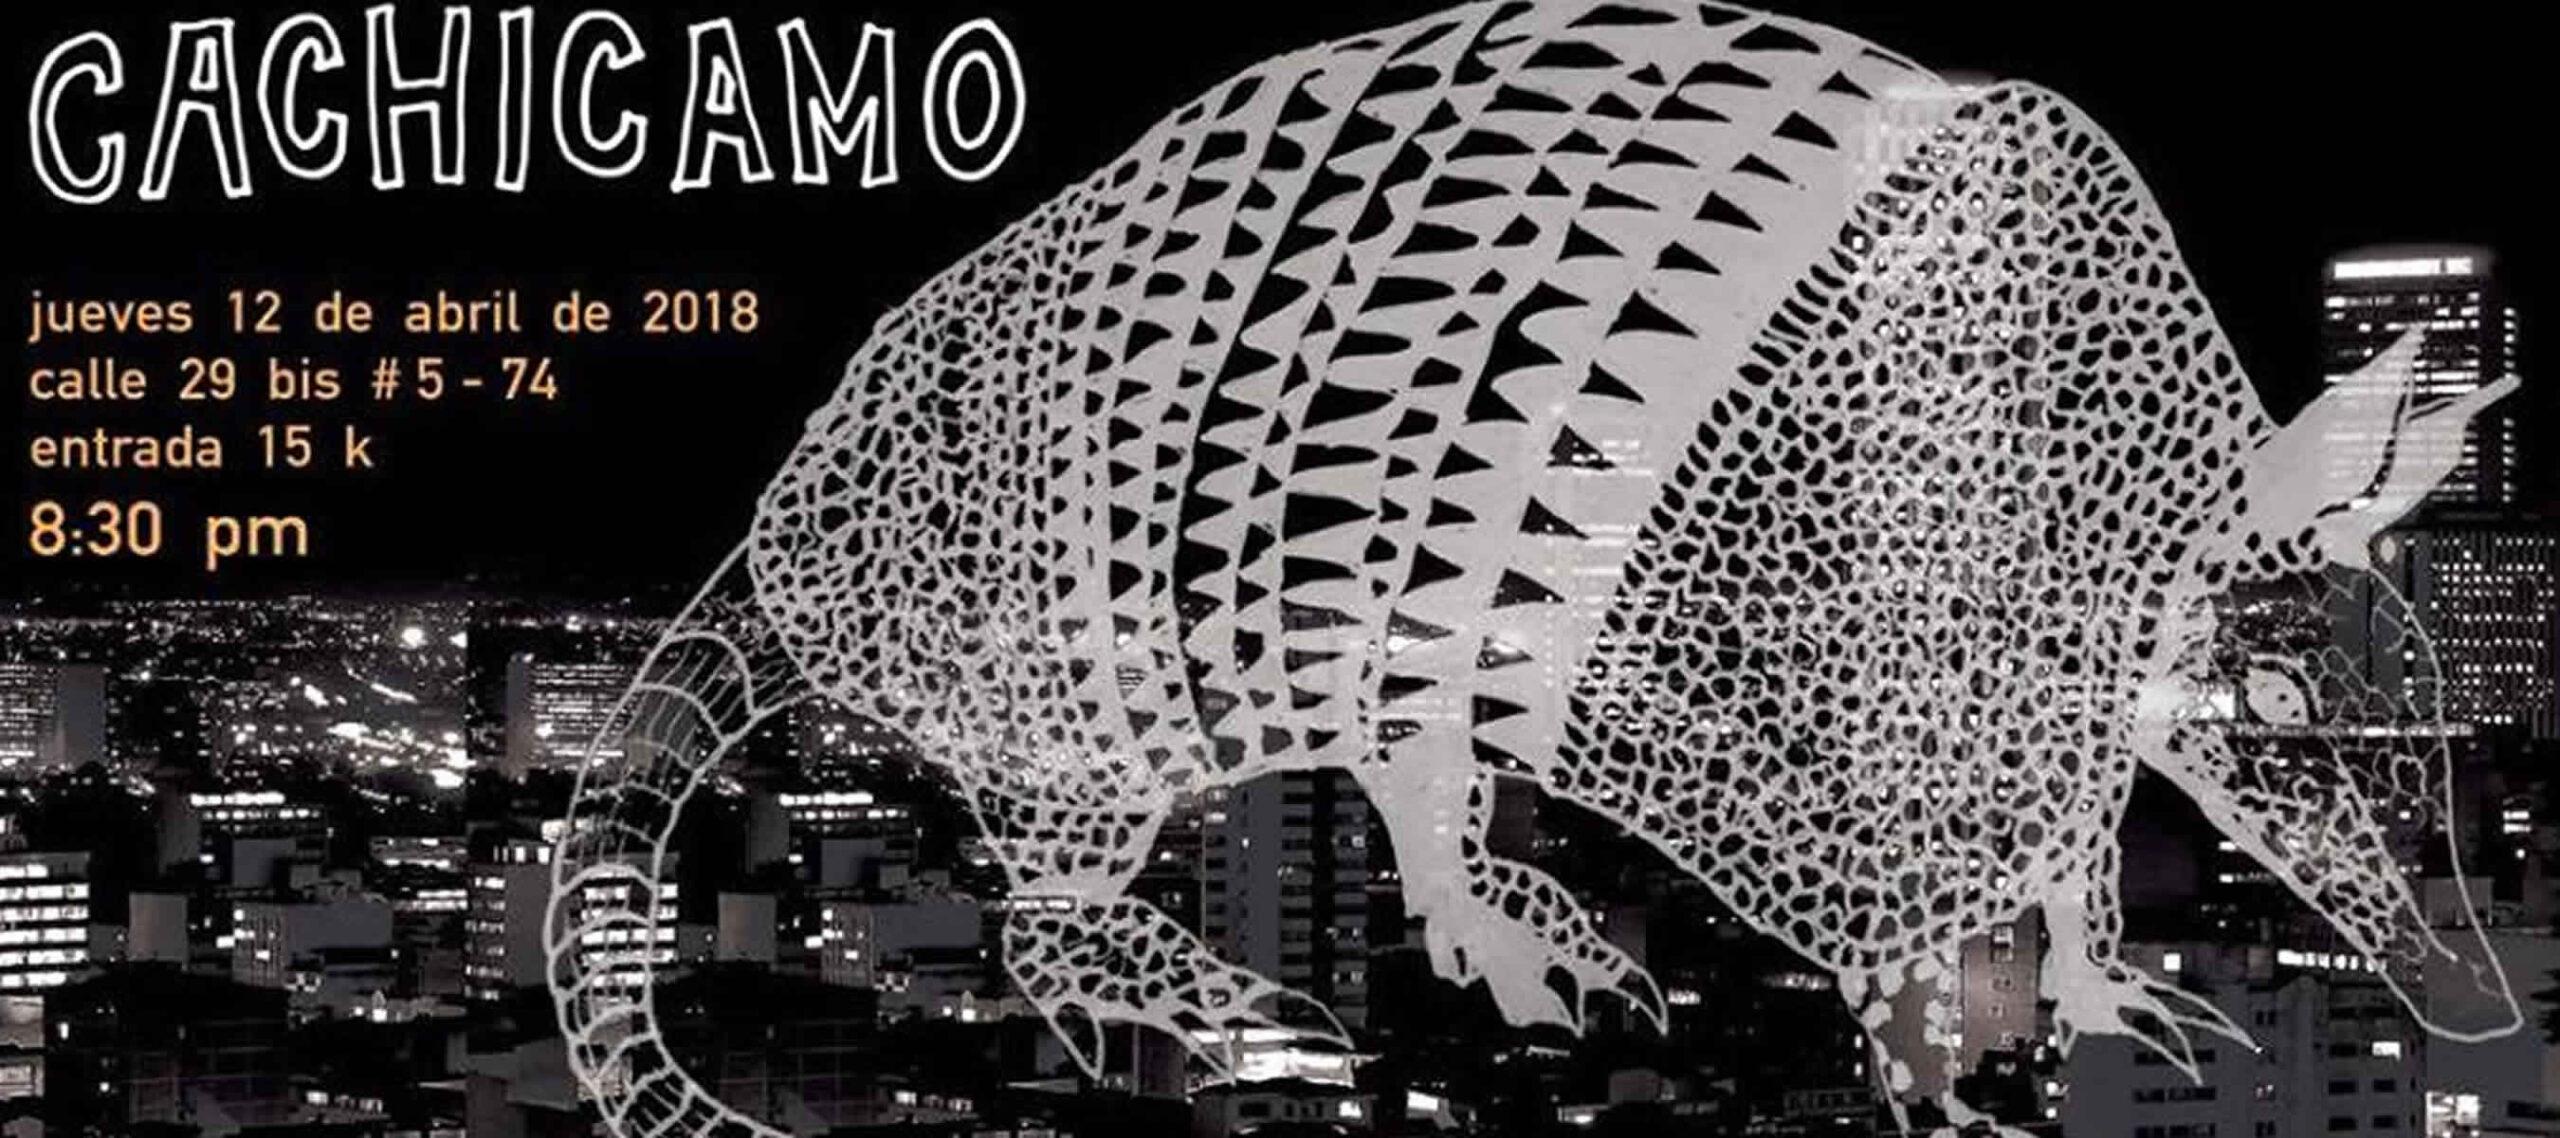 Cachicamo - smoking molly